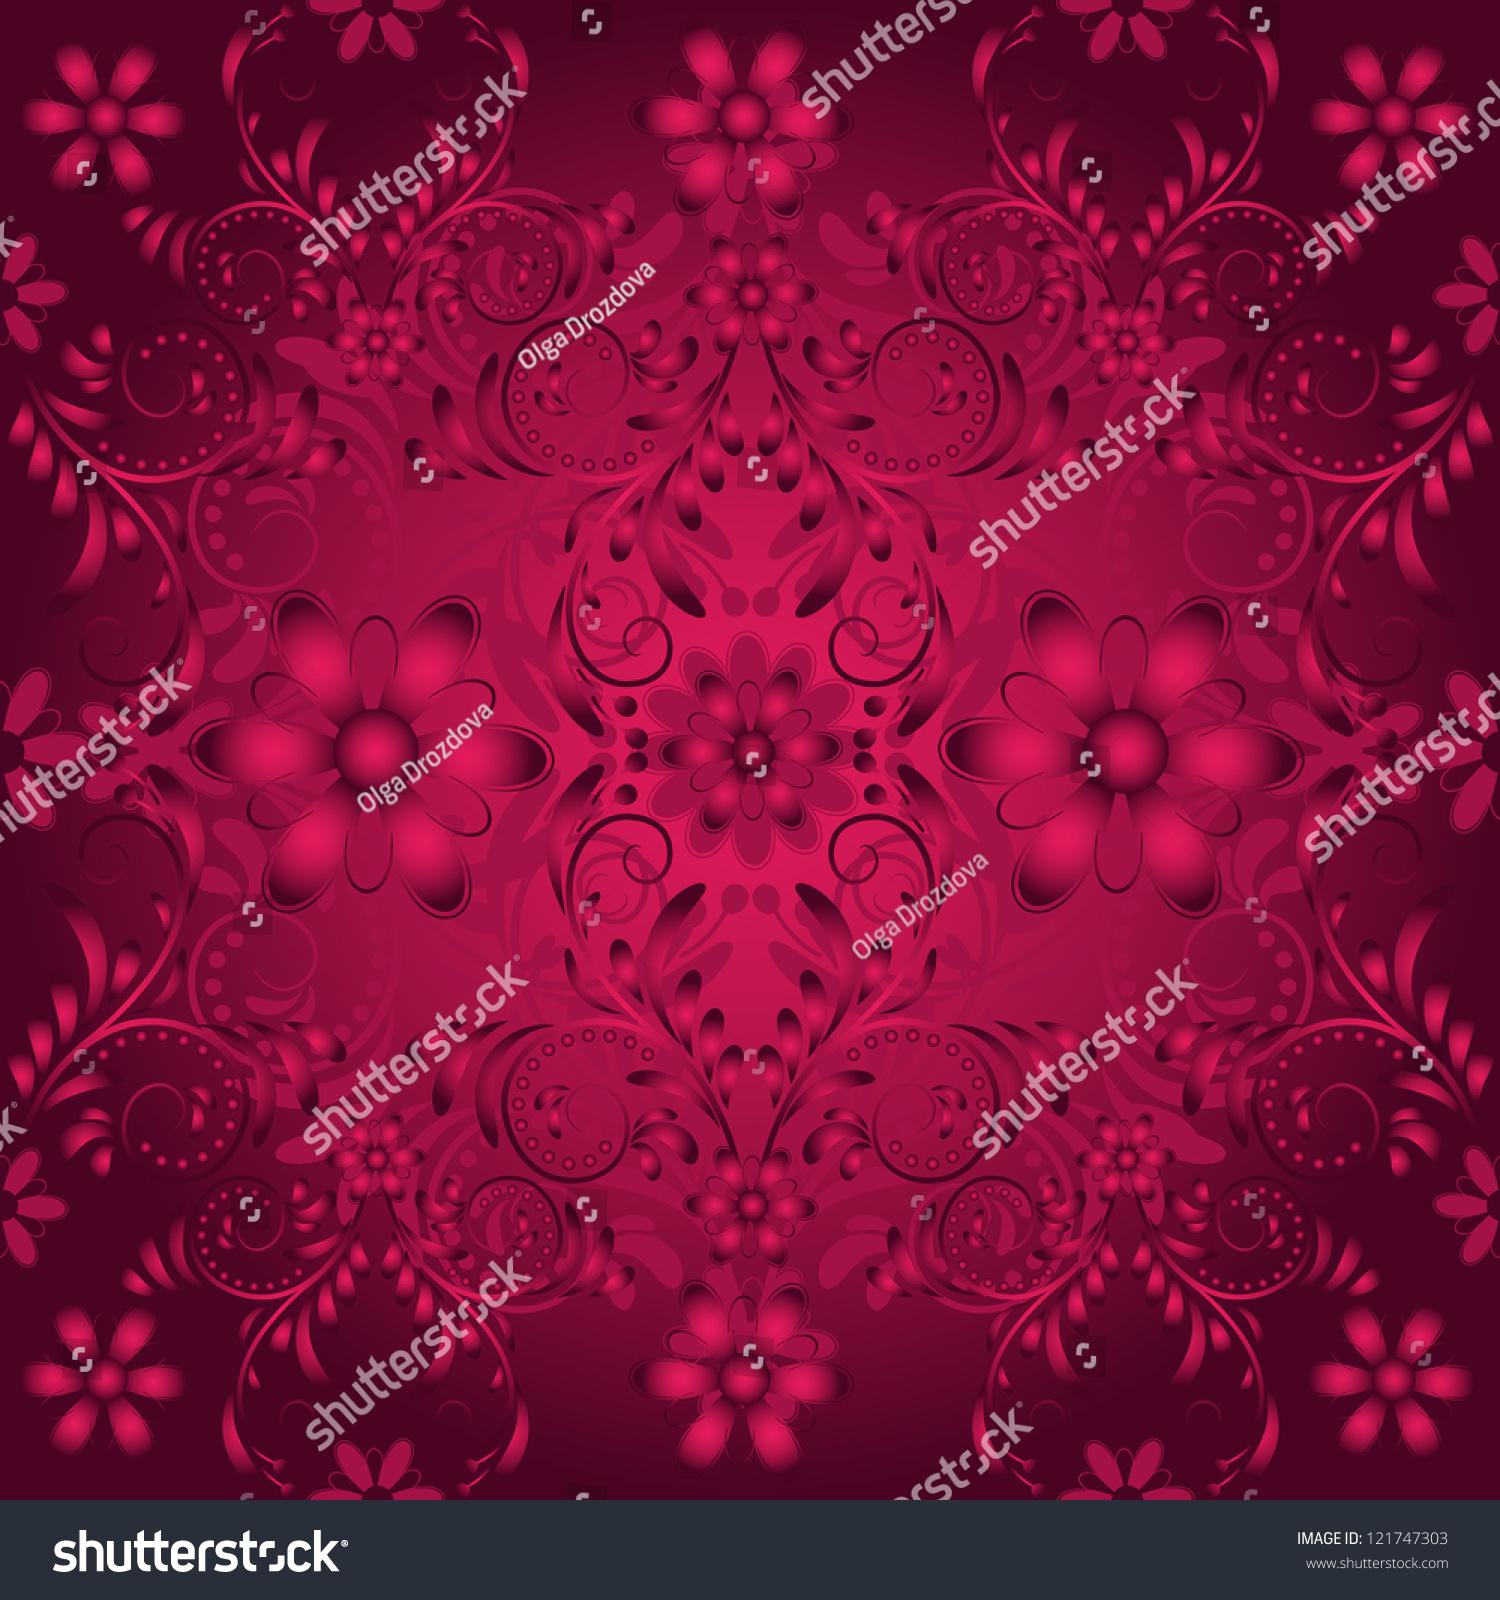 深紫色无缝模式与年份葡萄酒的窗饰-背景/素材,复古